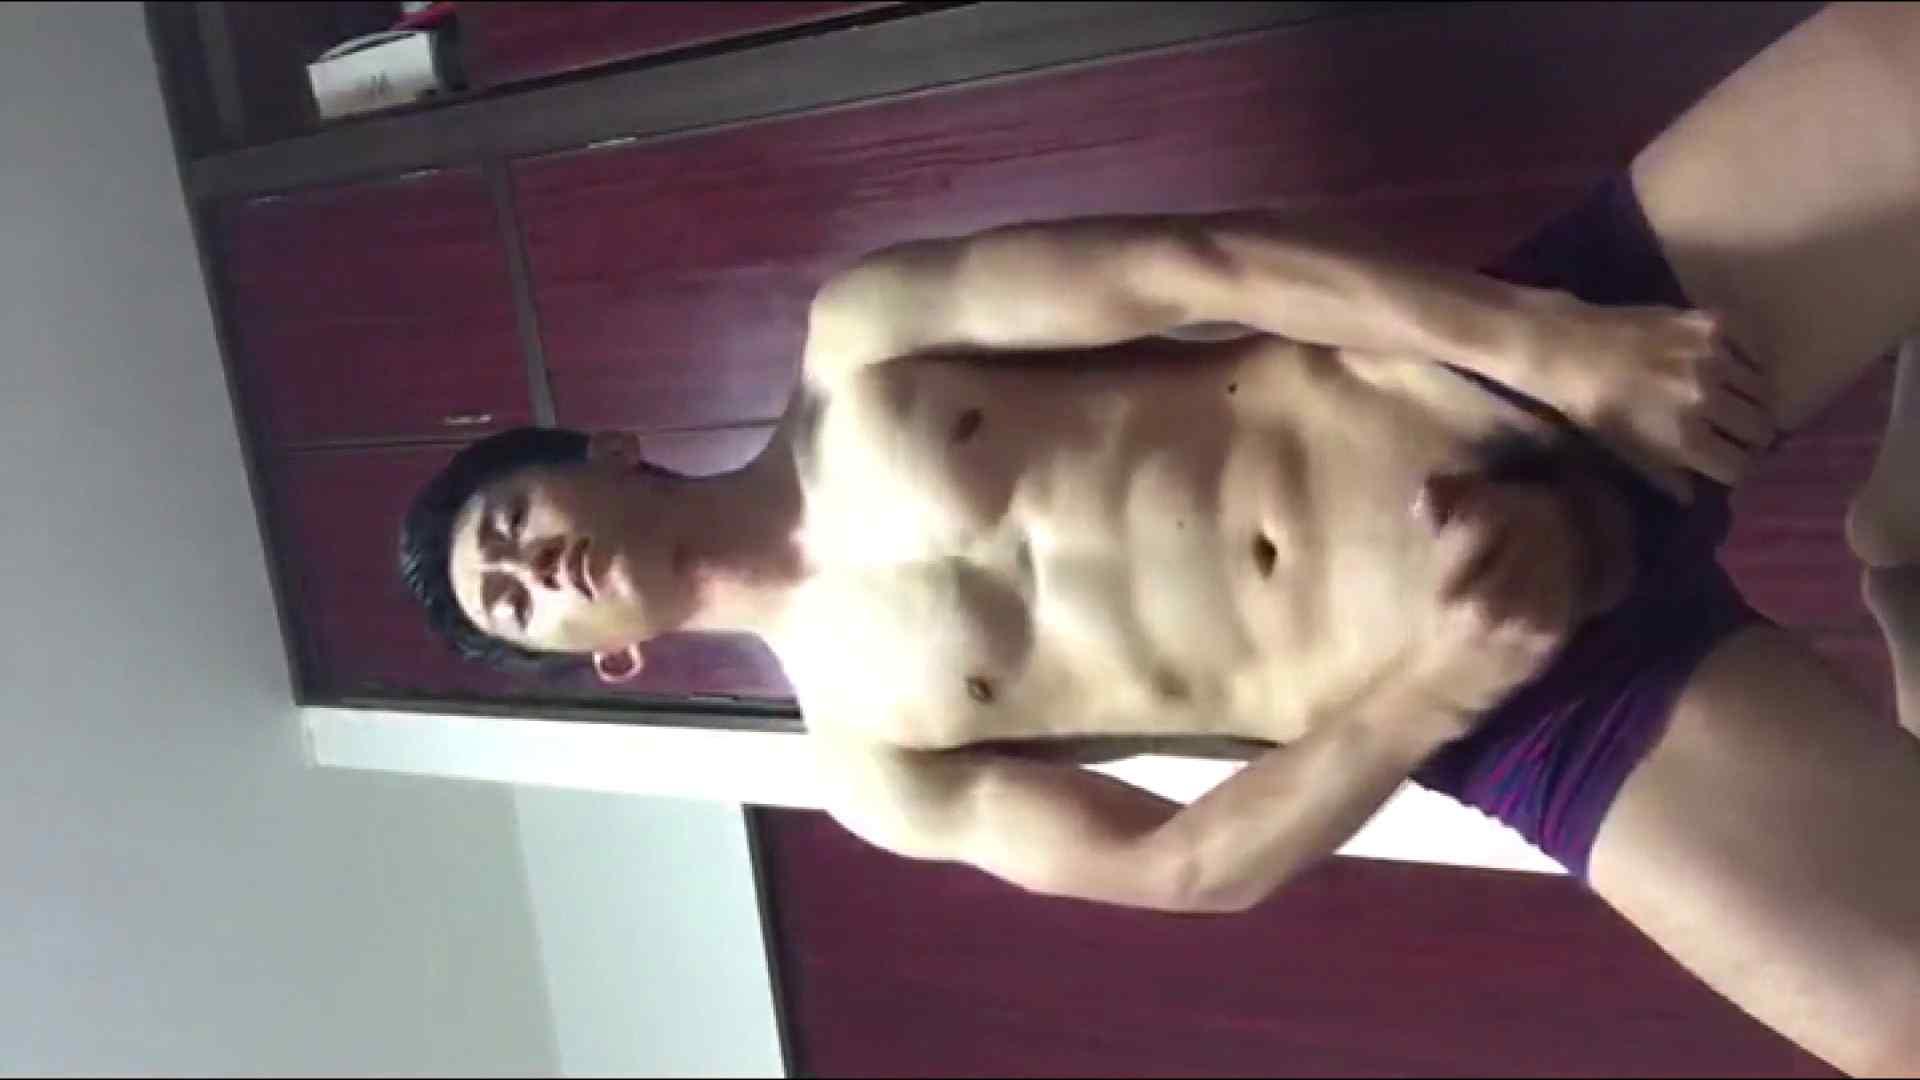 個人撮影 自慰の極意 Vol.23 大学生 ゲイアダルトビデオ画像 75枚 32